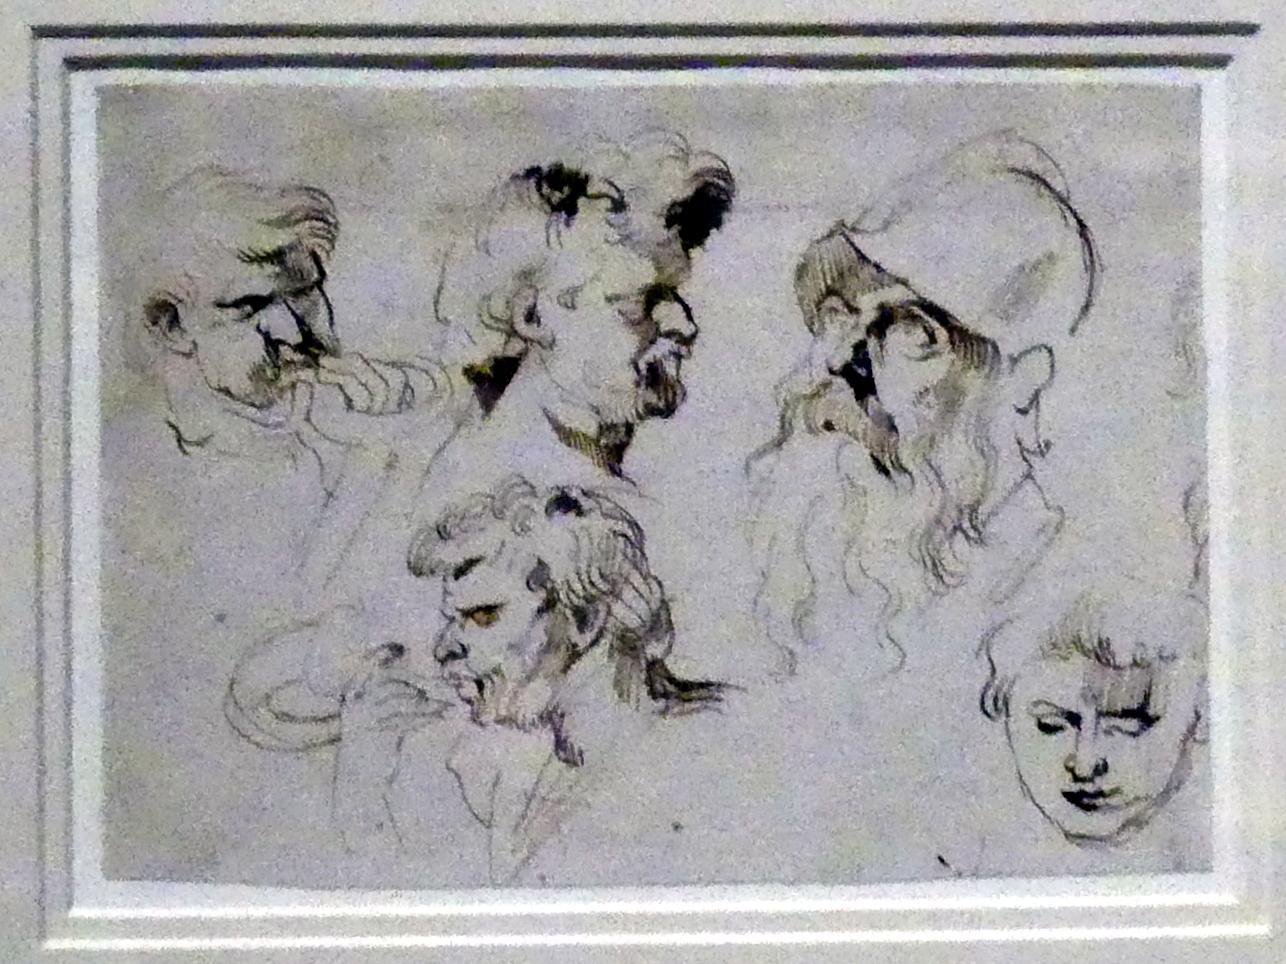 Anthonis (Anton) van Dyck: Fünf Kopfstudien, um 1615 - 1620